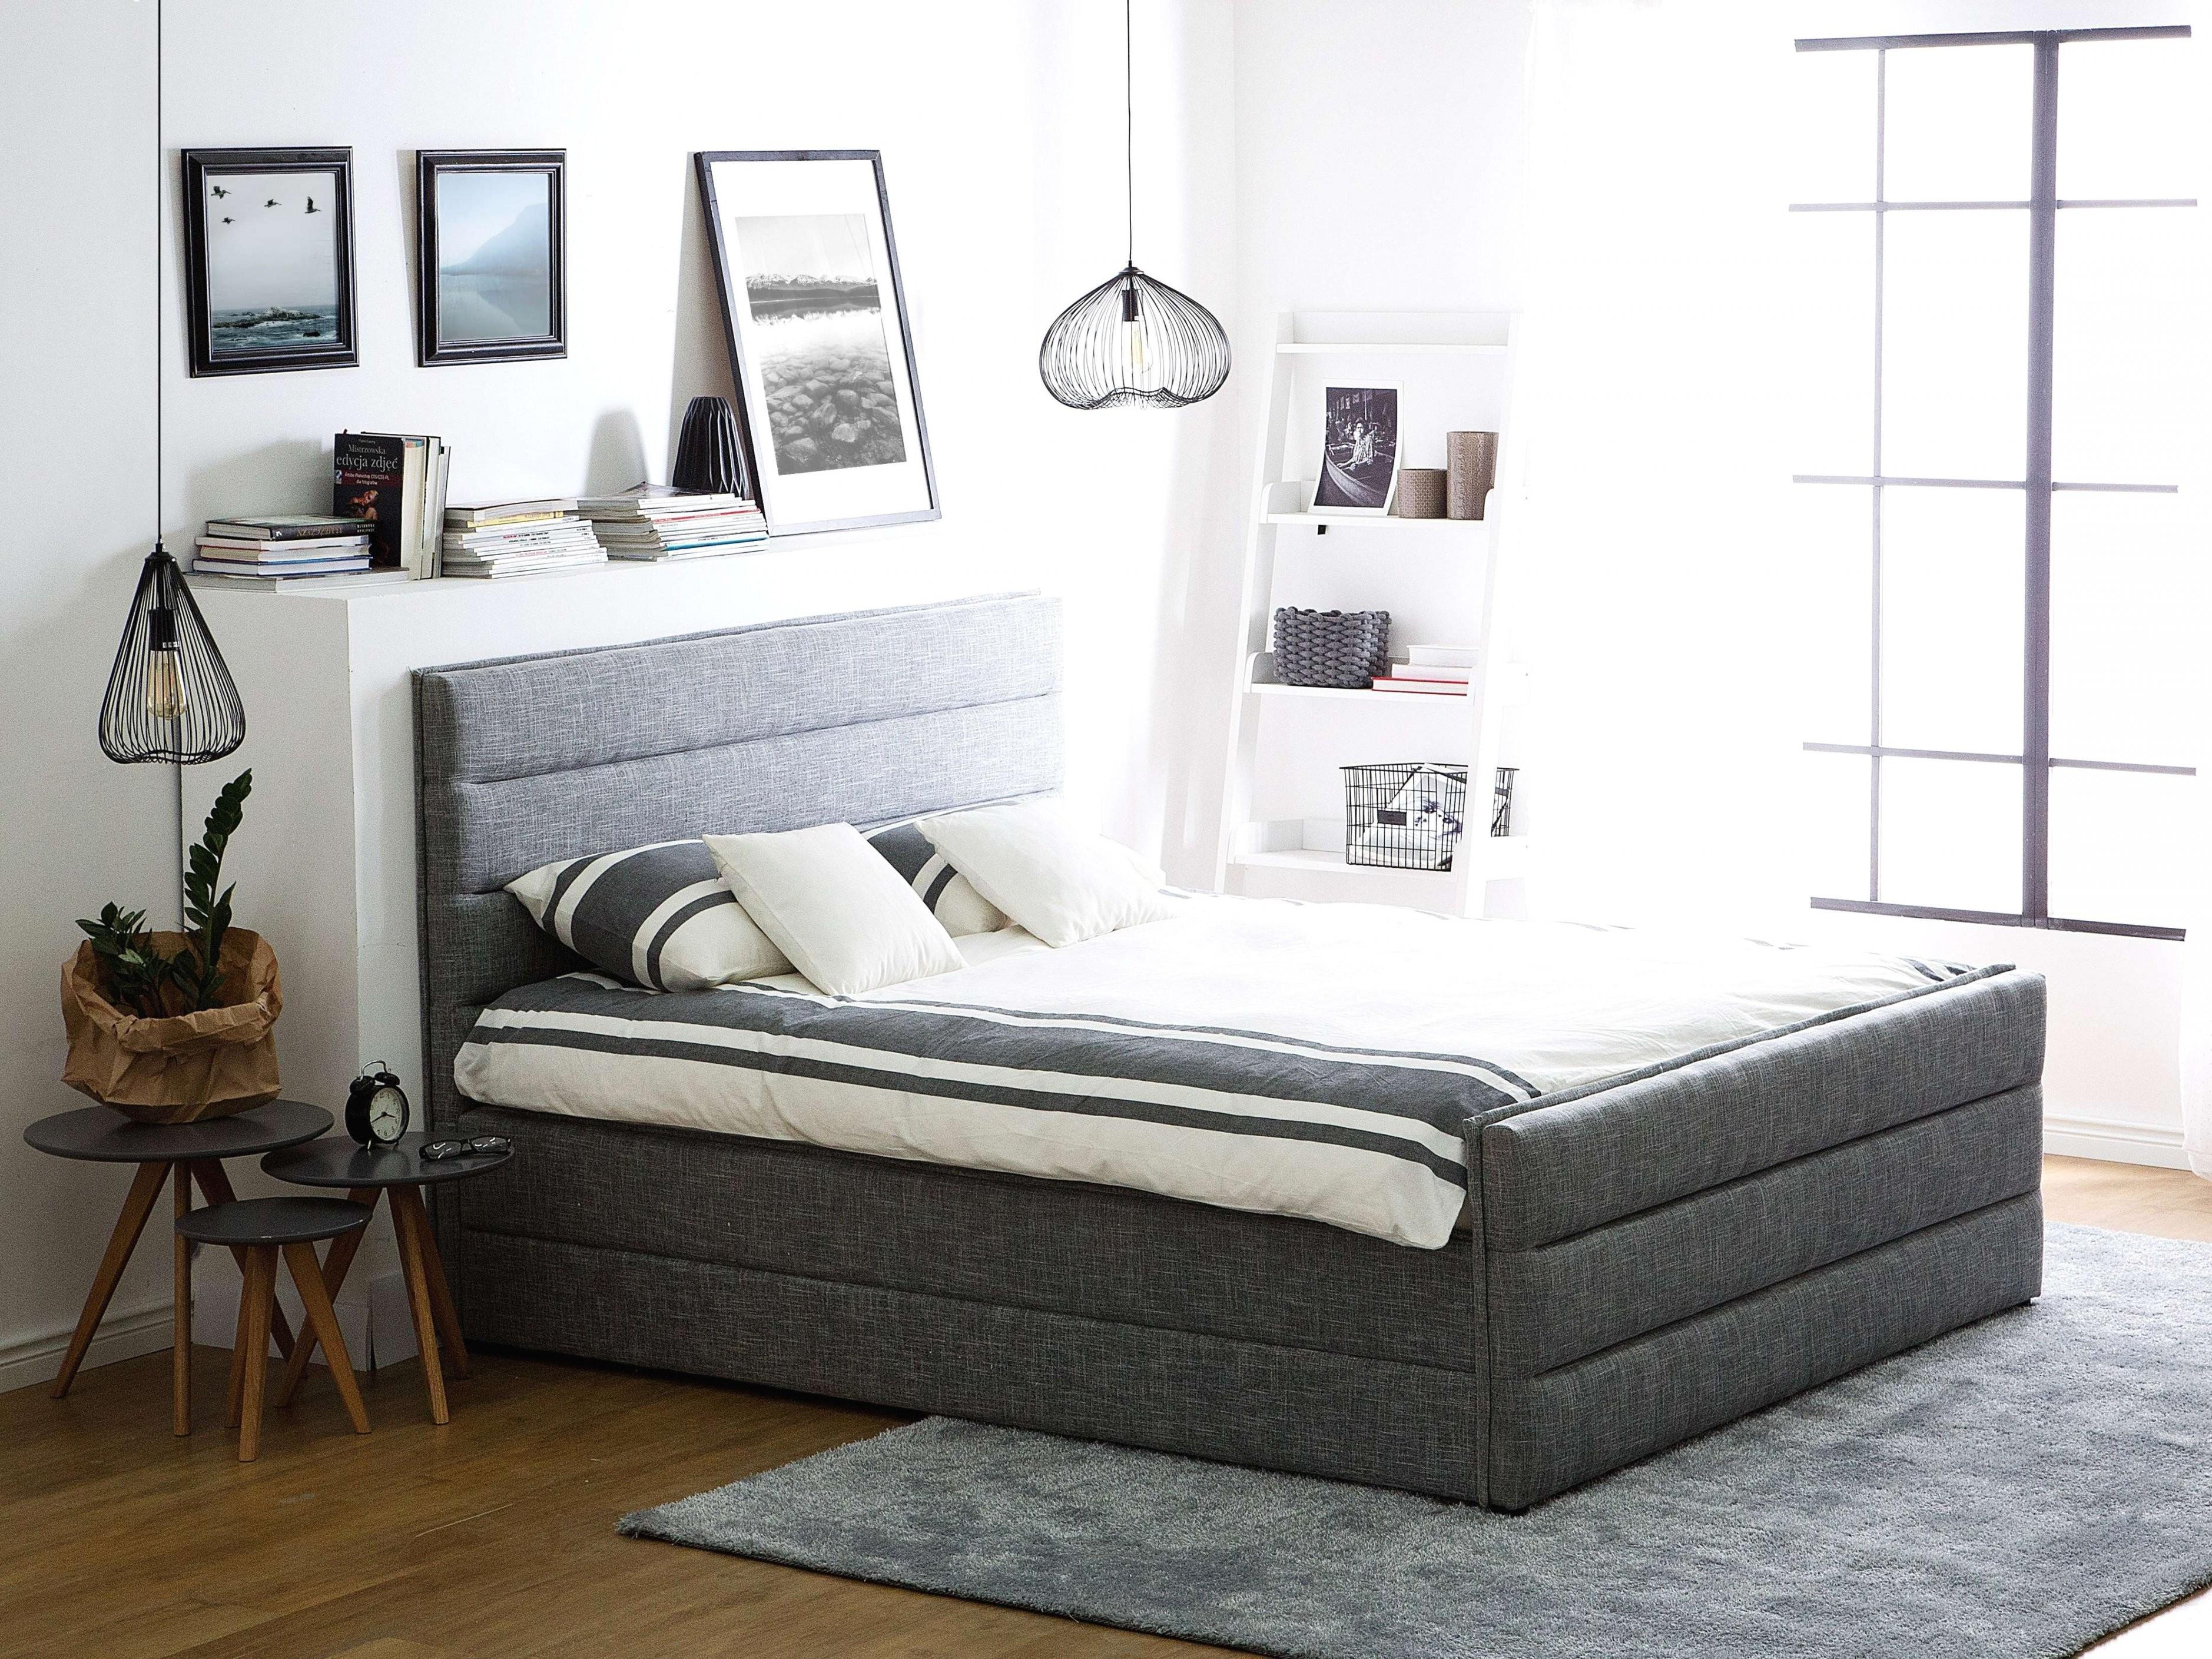 Bett Mit Led Beleuchtung 160—200 Frisch Bett 180—200 Bettkasten von Bett Mit Led Beleuchtung 160X200 Bild